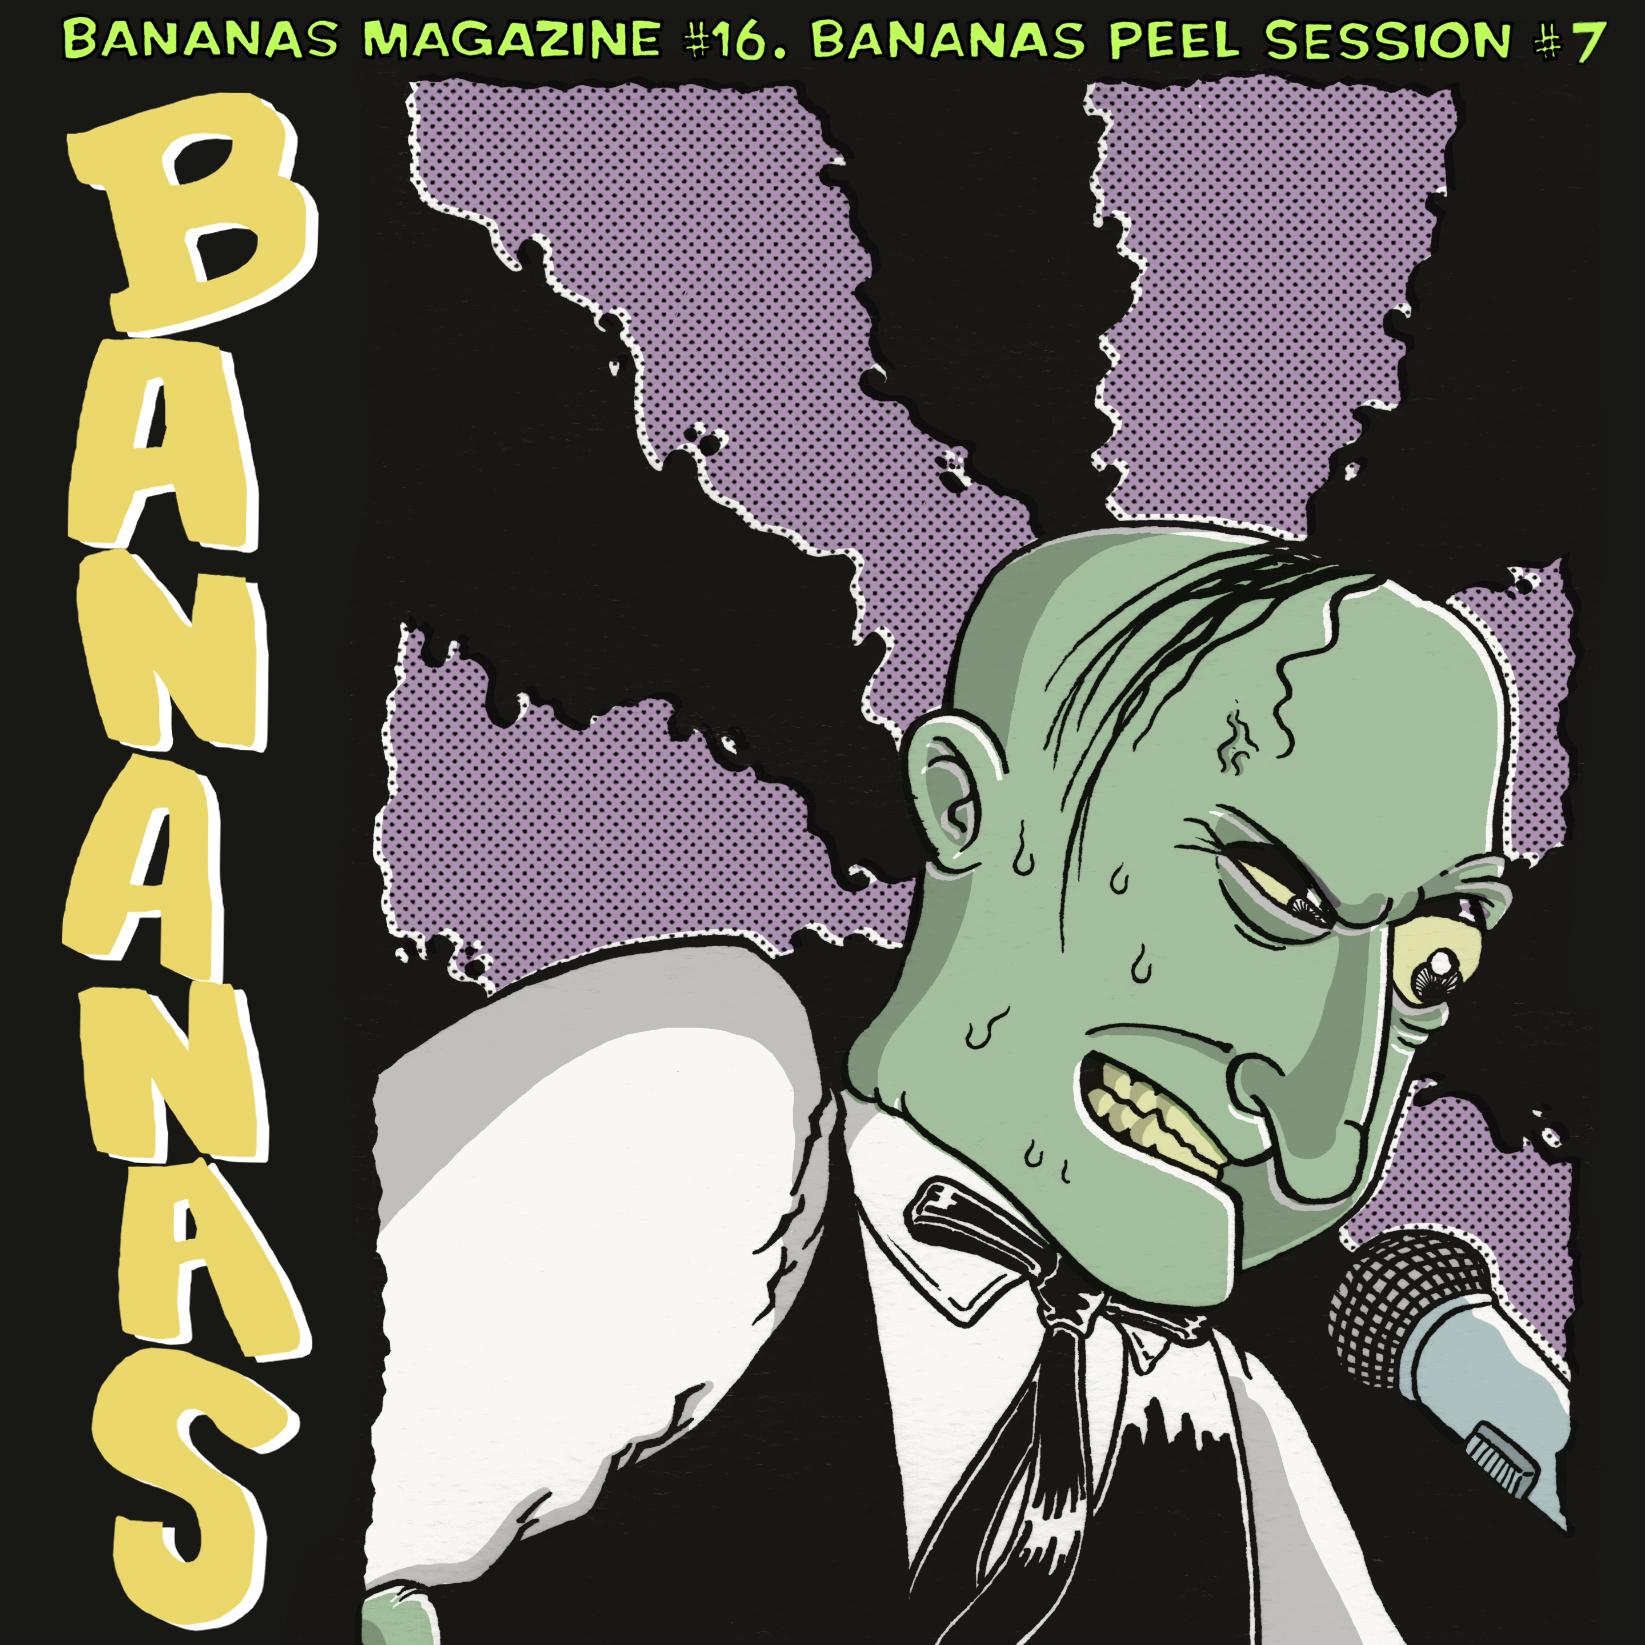 Playlist Découvertes # 35 – Bananas Peel Sessions #7: une compilation punk-rock